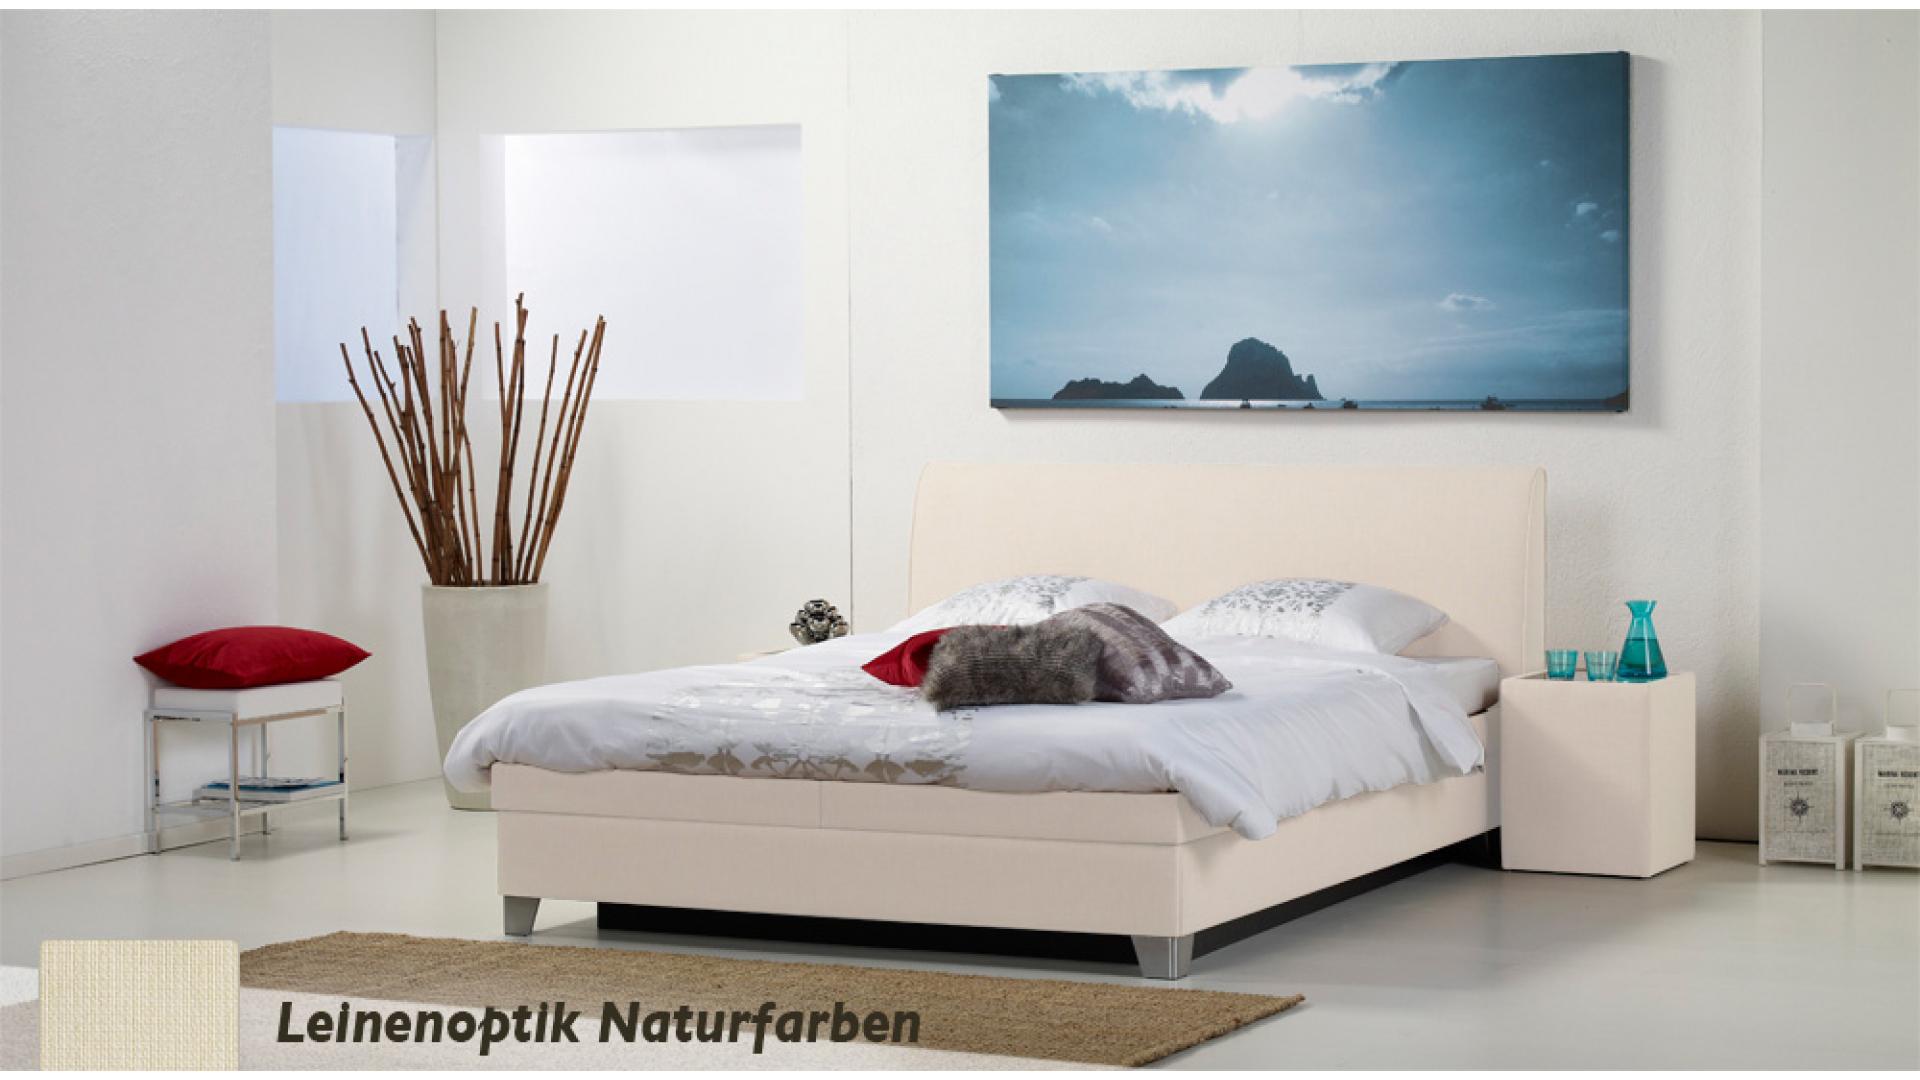 wasserbett luxus box pro leinenoptik naturfarben boxspring-look